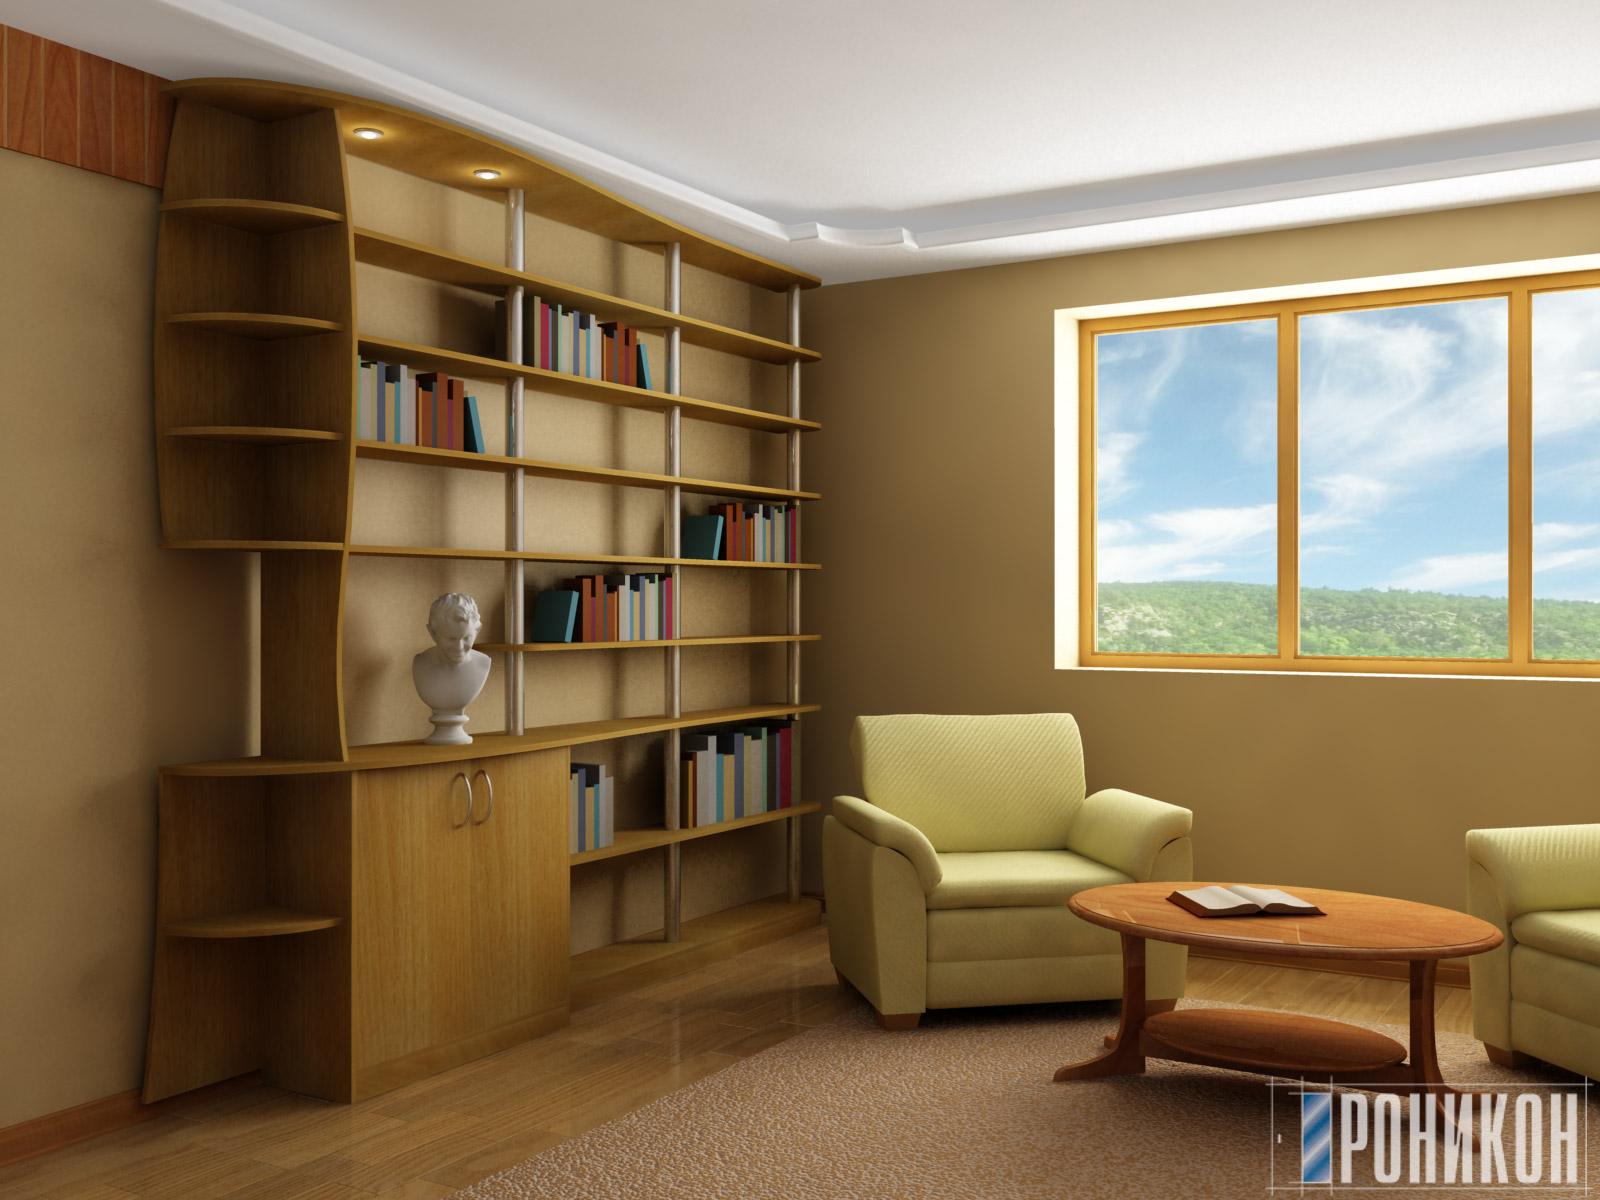 Библиотеки и стеллажи мебельный магазин zheldor-mebel.ru - ш.